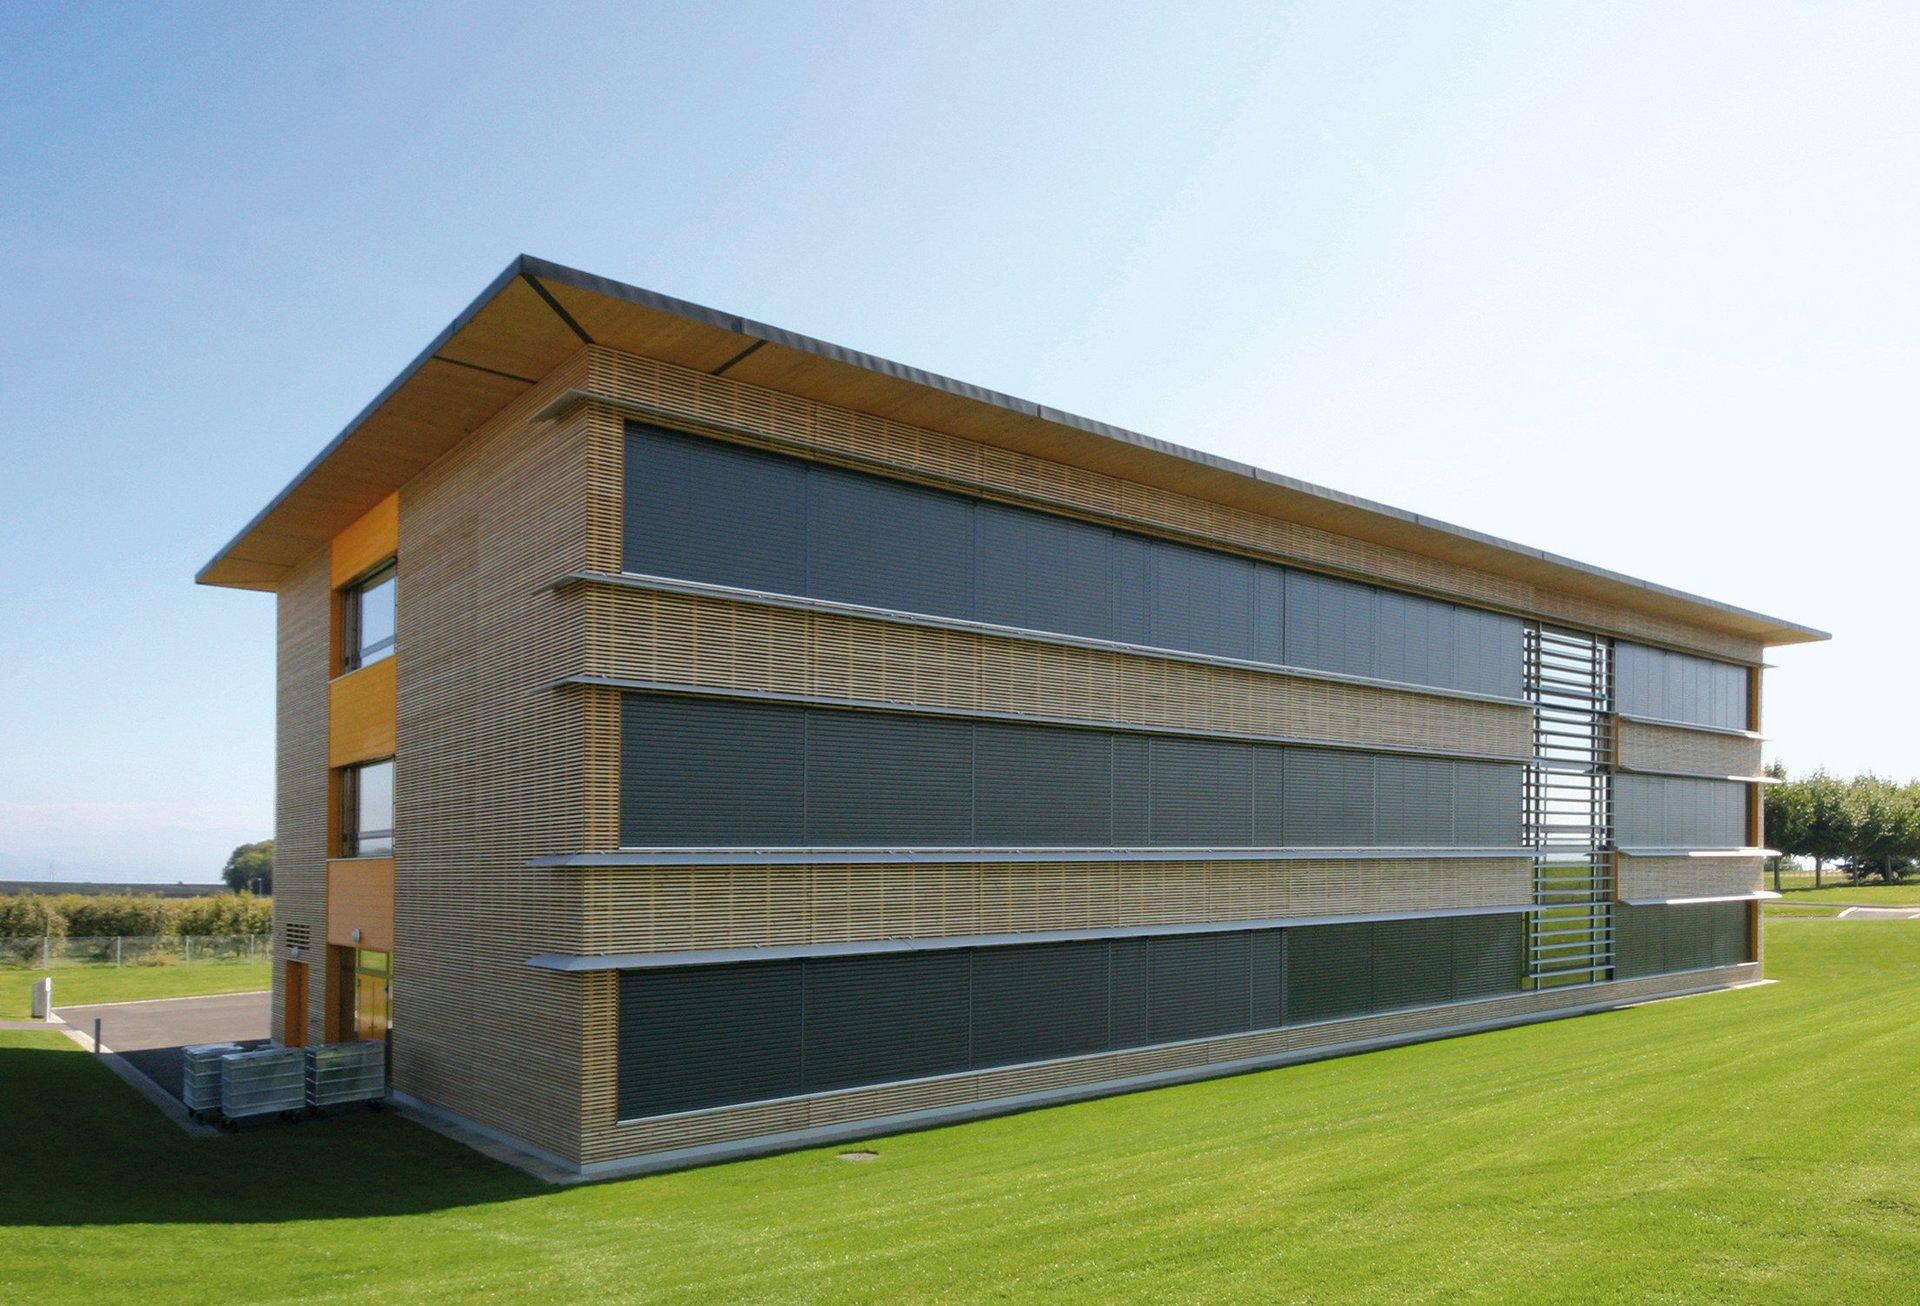 Treppenhaus in modernem und schlichtem Design und gelber Wand